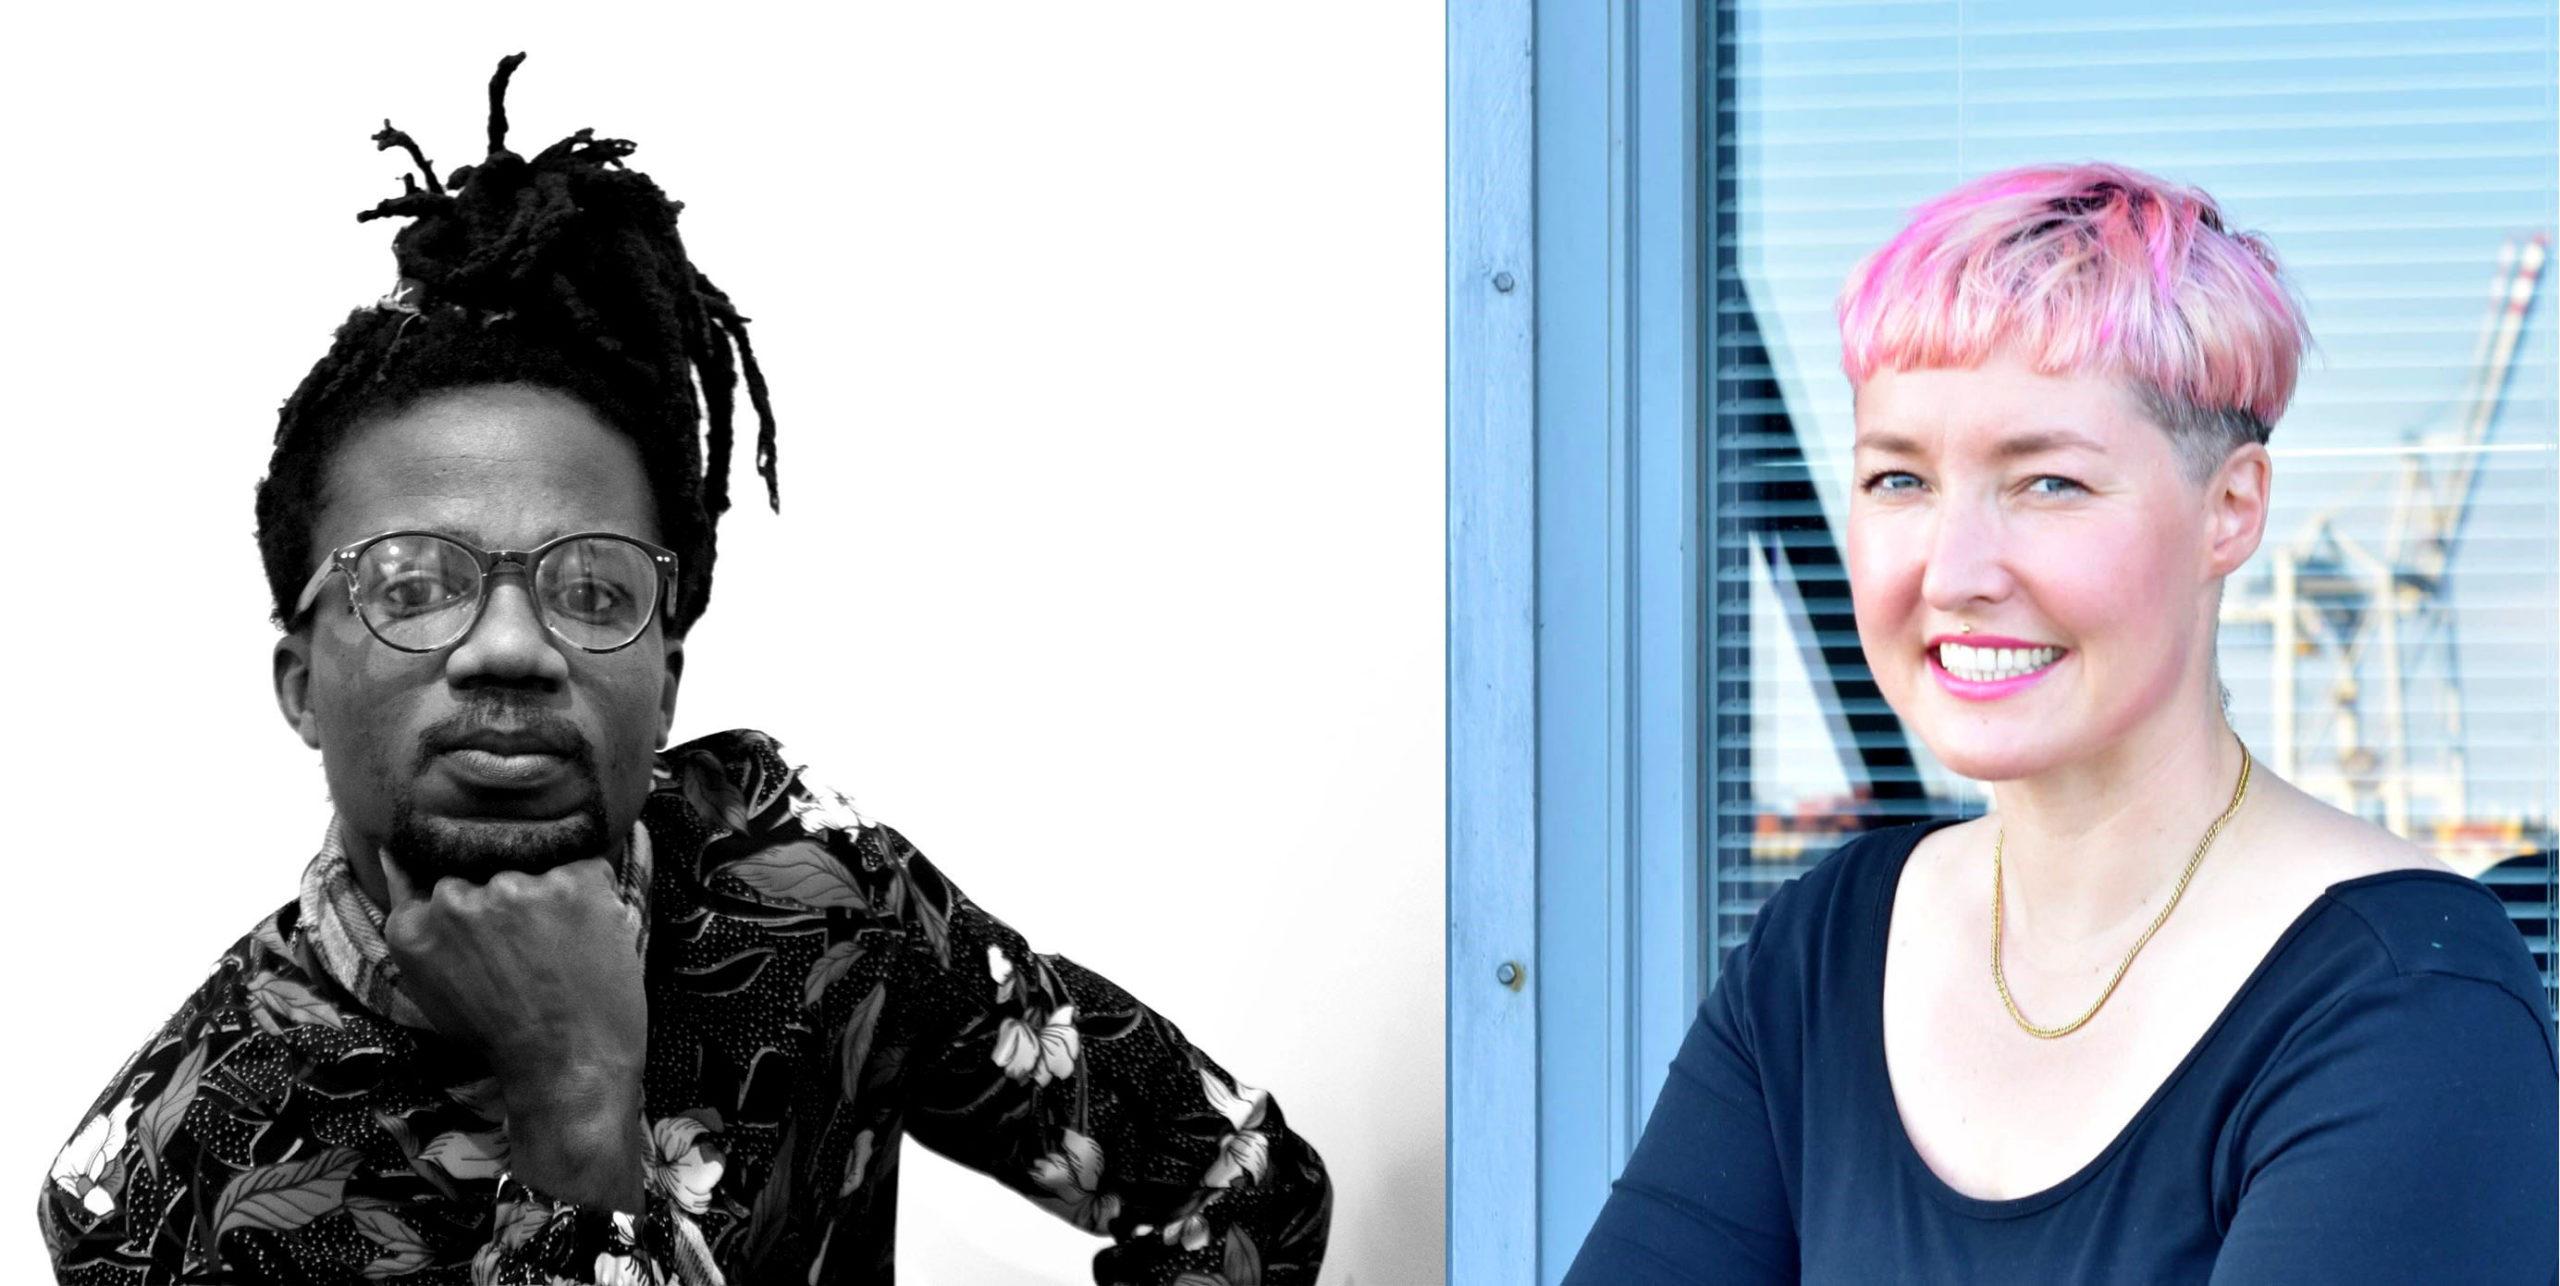 Porträts von Wilfried Nakeu und Gisela Ewe